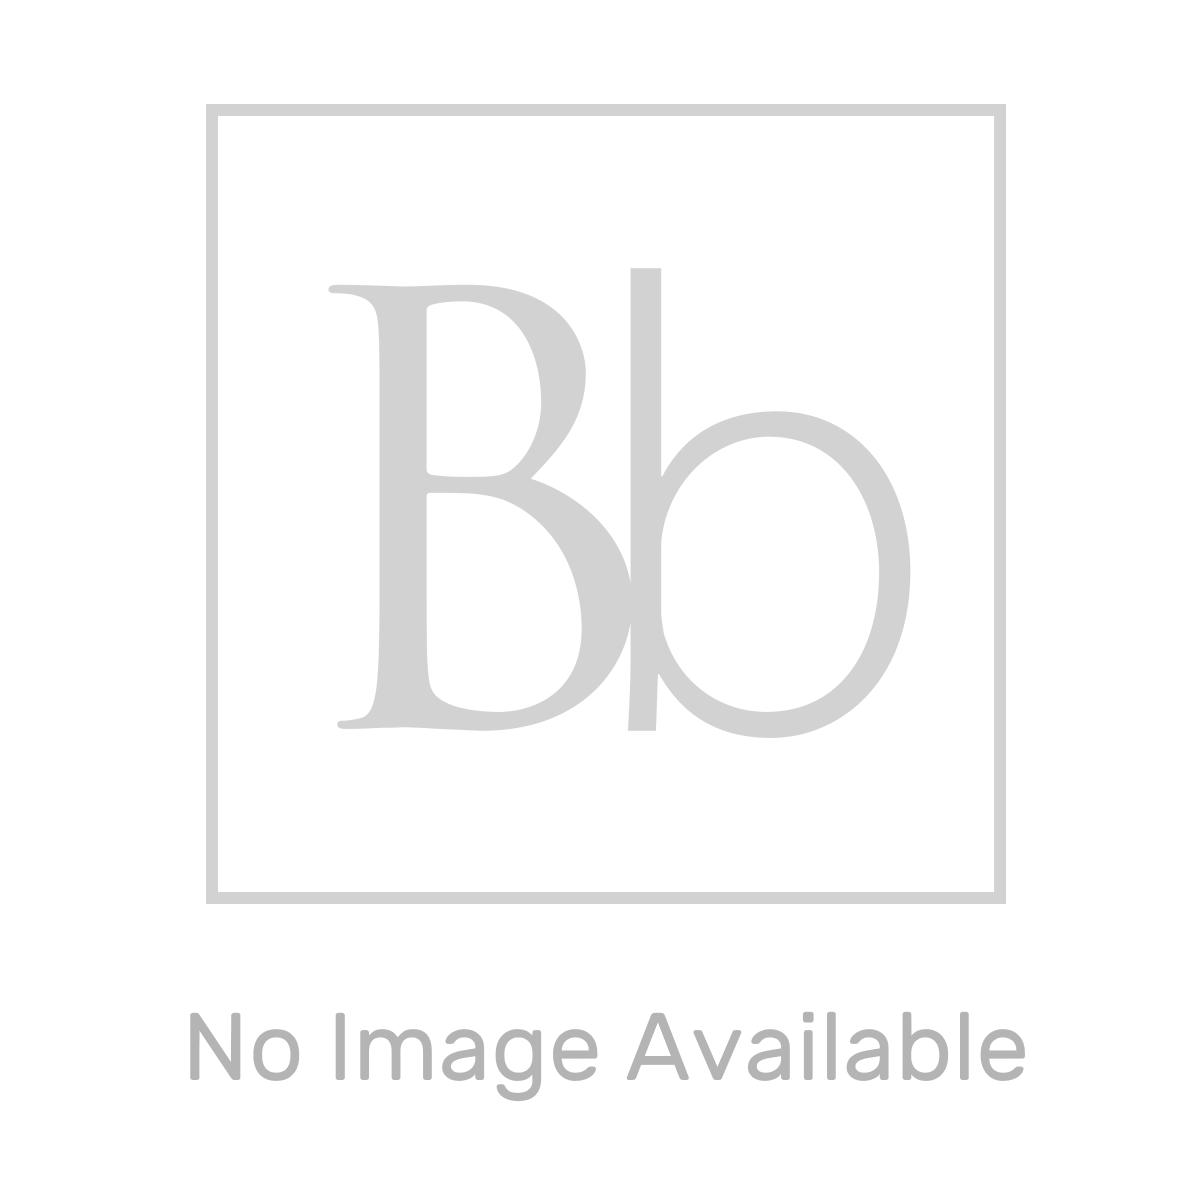 RAK Surface Ash Lappato Tile 750 x 750mm Lifestyle